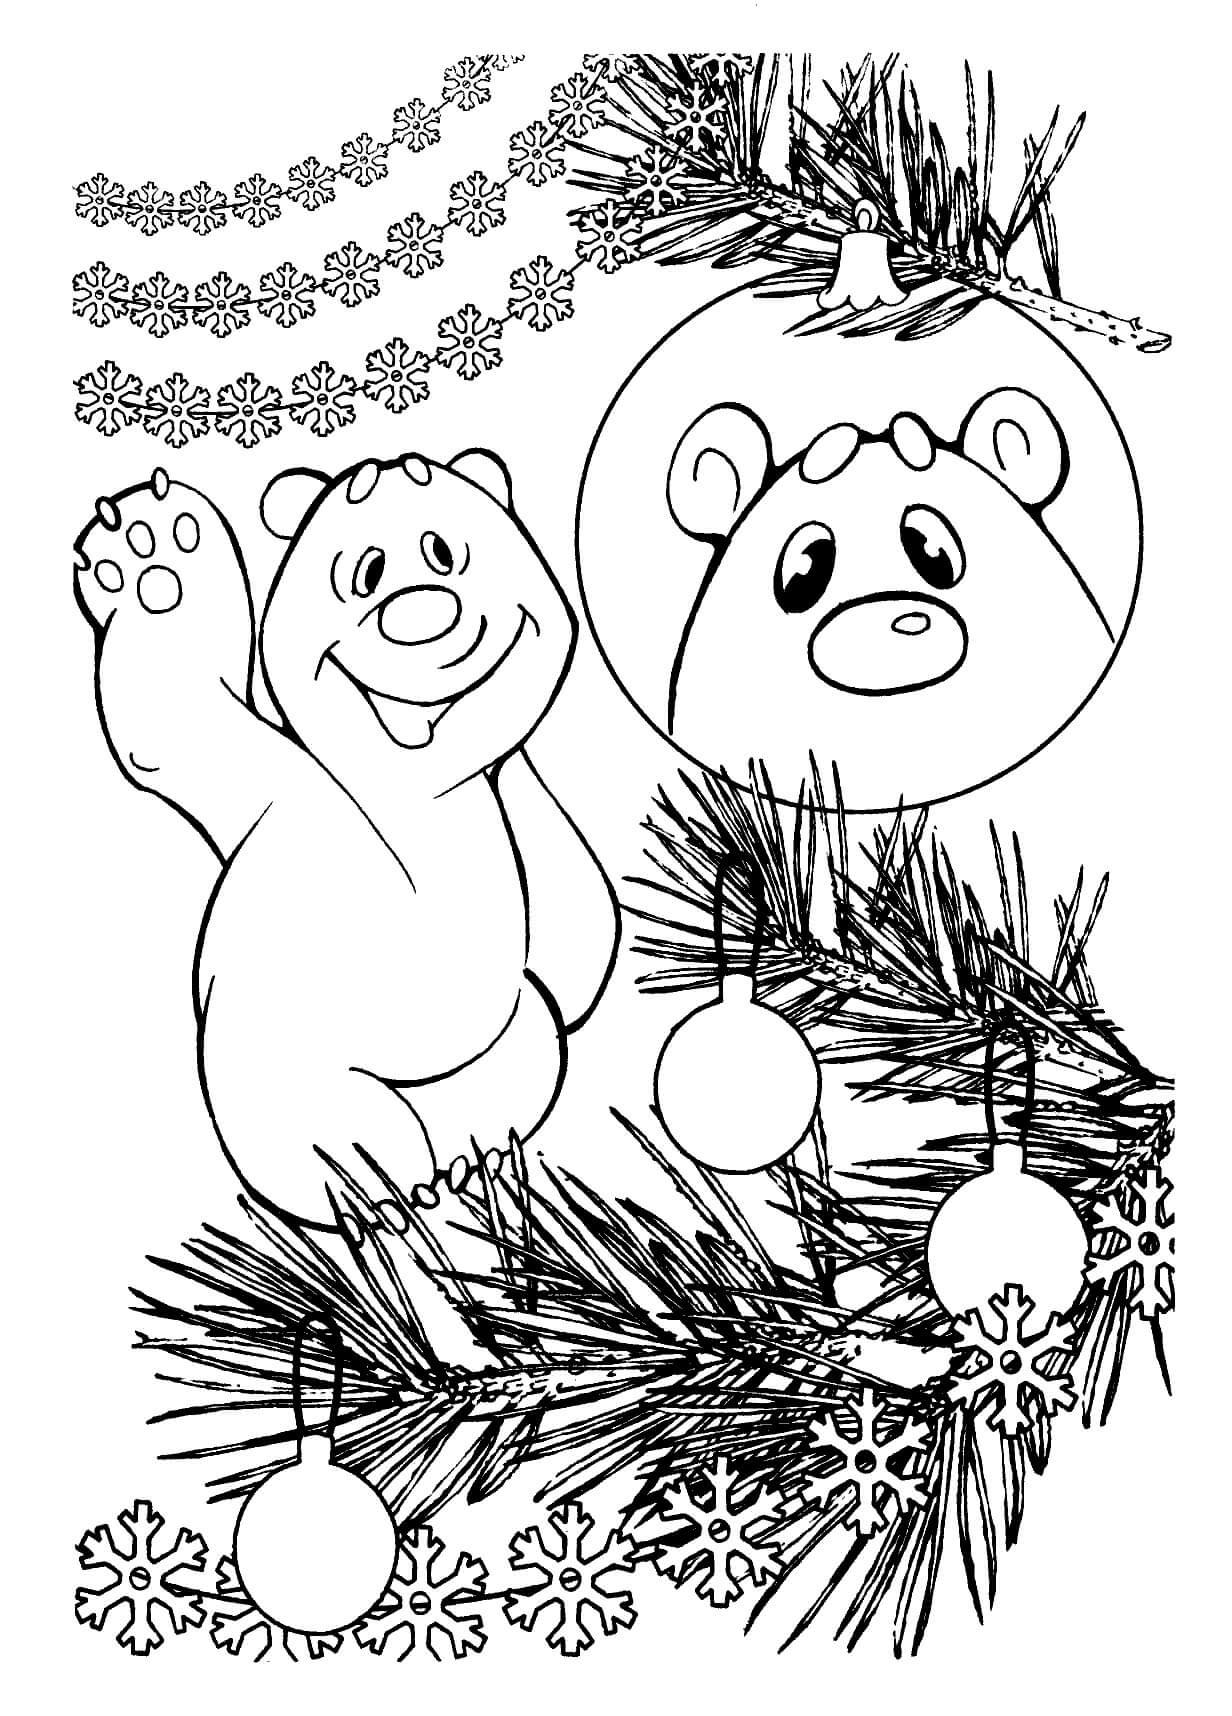 Раскраска Умка отражается в новогодней игрушке